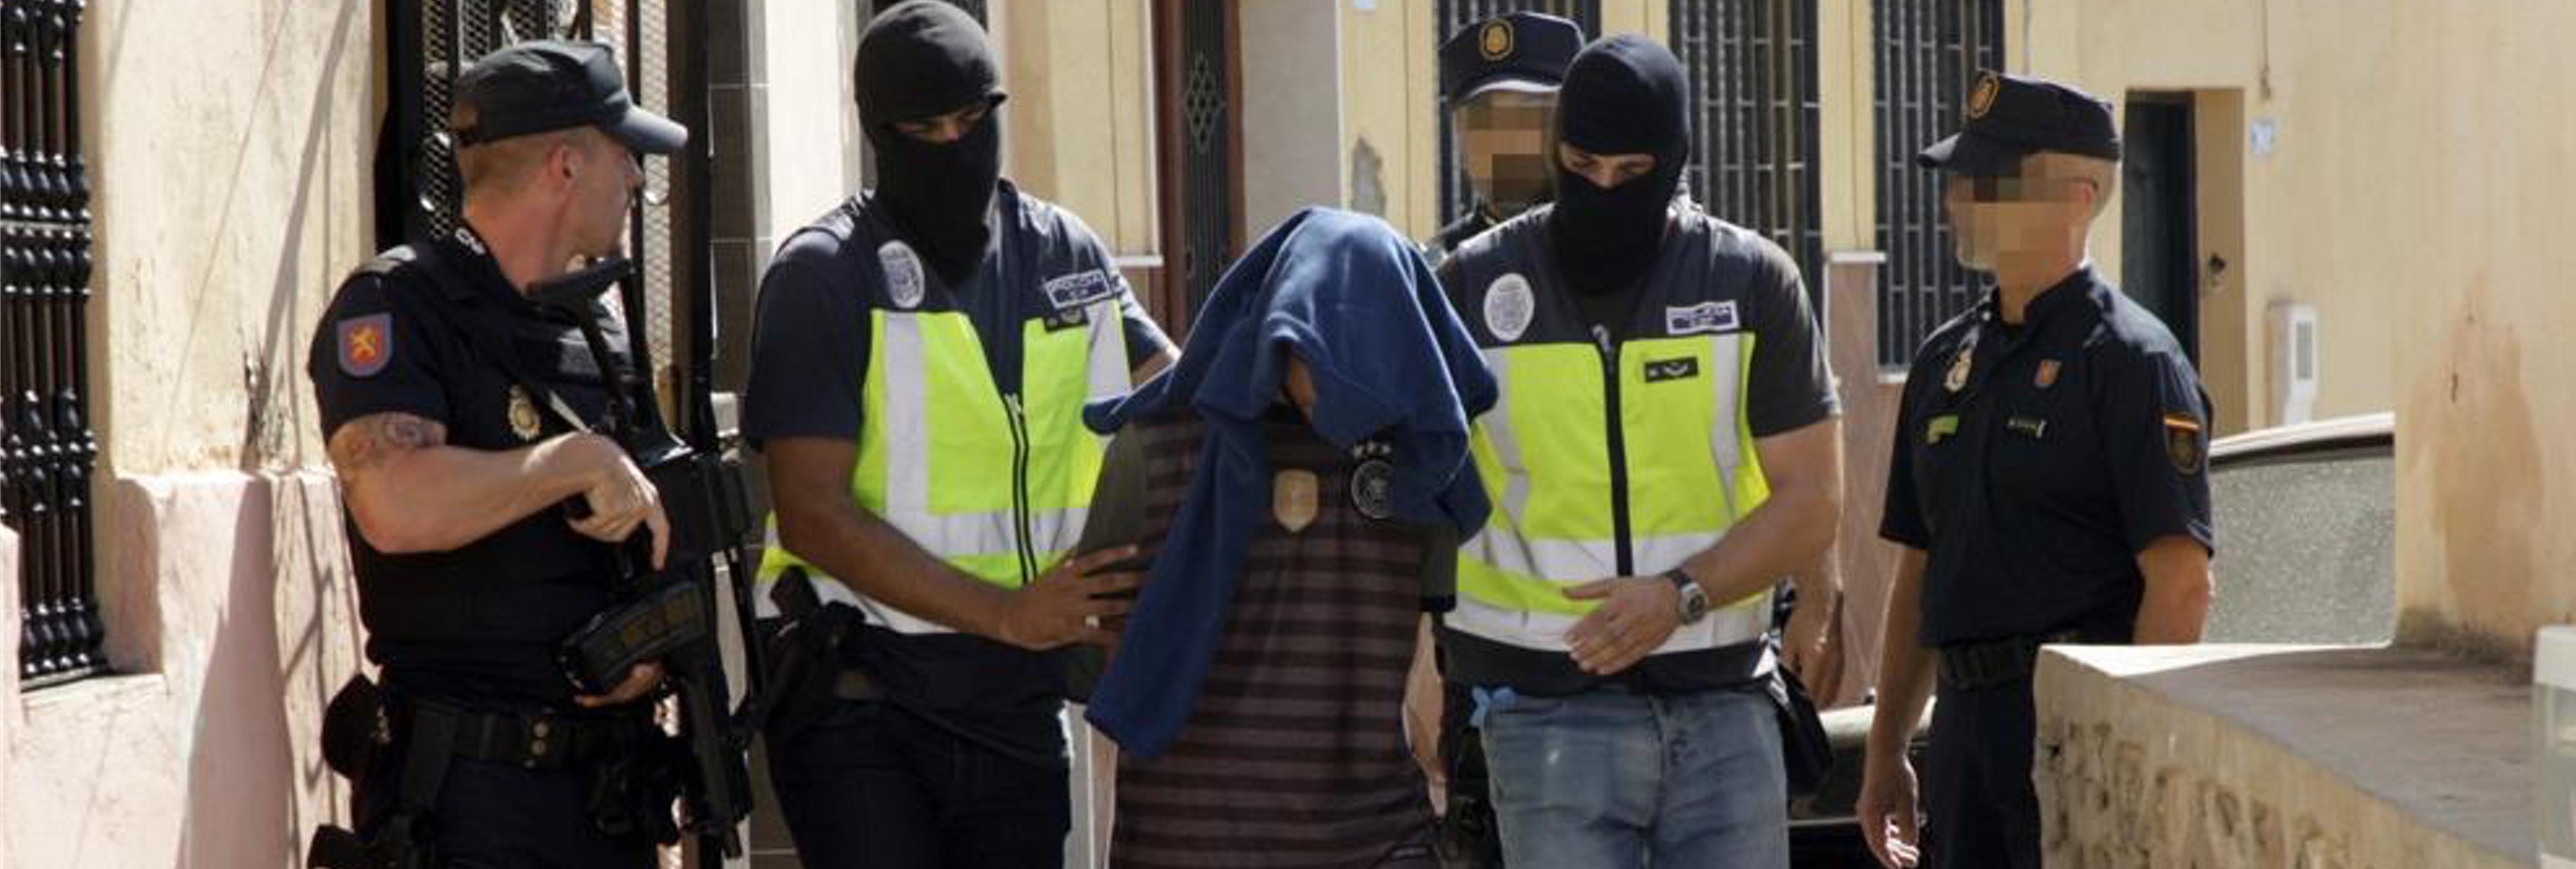 Hafid Mohamed, el profesor infantil y militante del PP convertido en líder yihadista